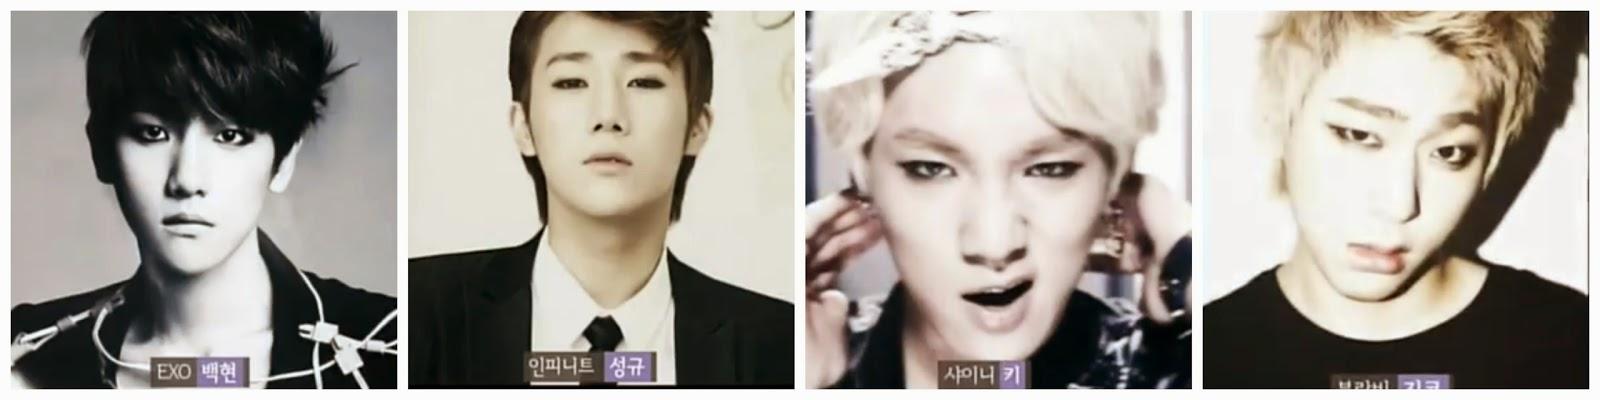 male idols with eyeliner